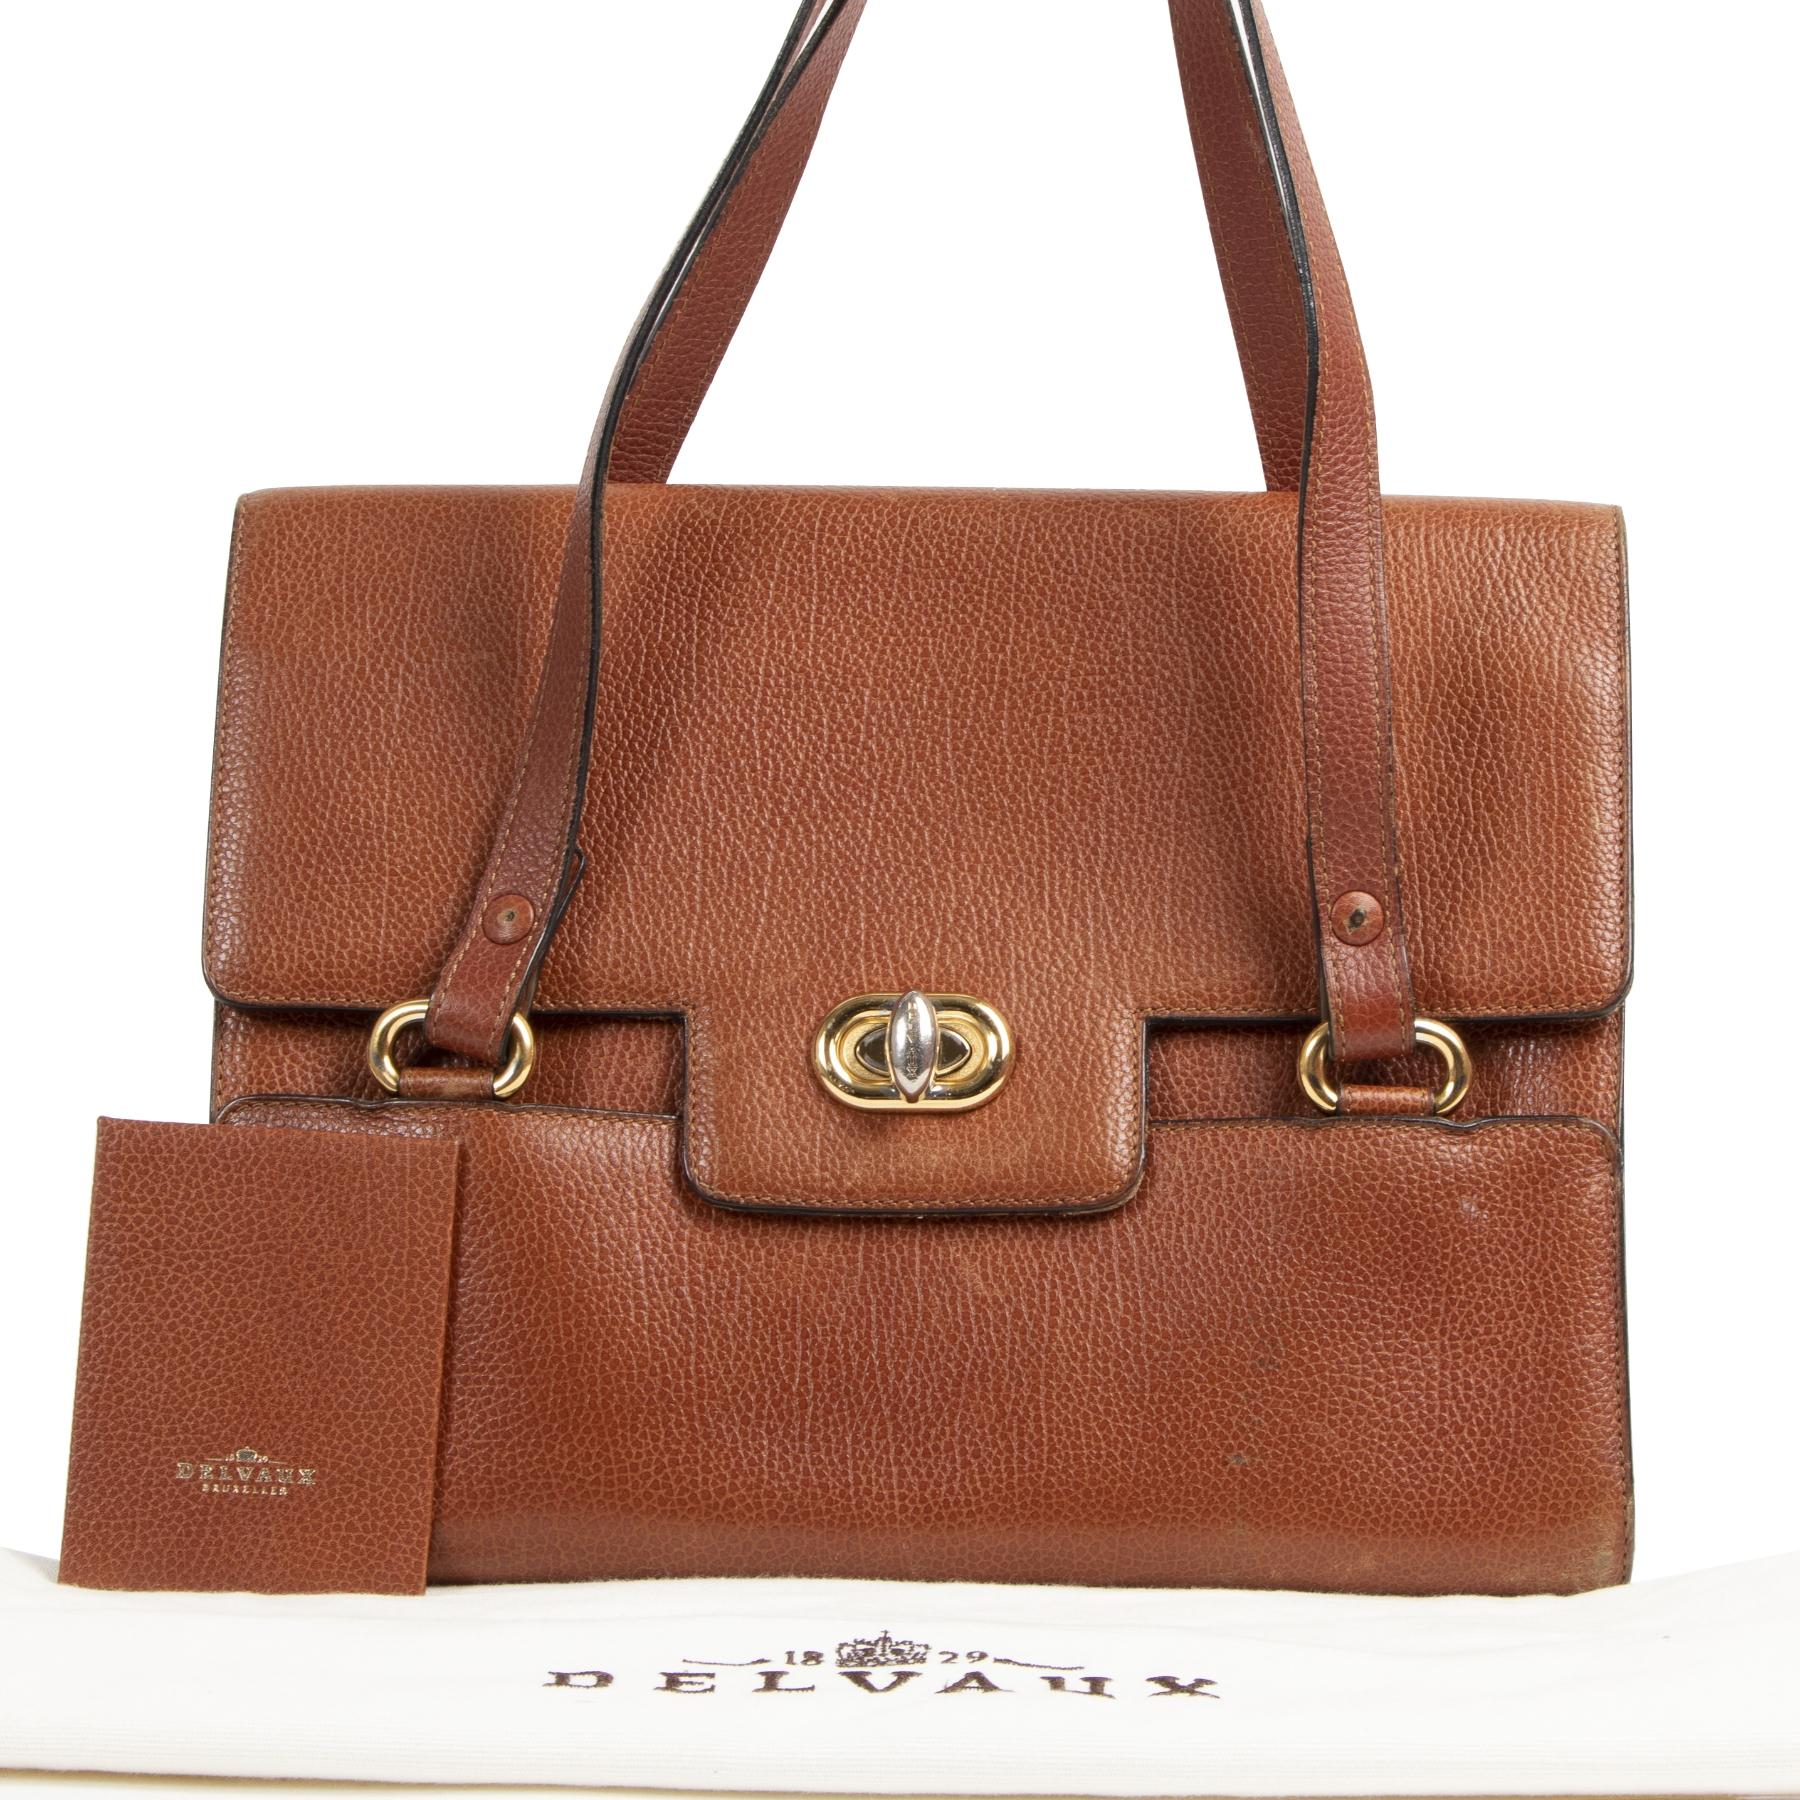 Delvaux Brown Shoulder Bag. Authentieke tweedehands Delvaux handtassen bij LabelLOV Antwerpen. Authentique seconde-main luxury en ligne webshop LabelLOV. Authentic preloved Delvaux handbags at LabelLOV Antwerp.